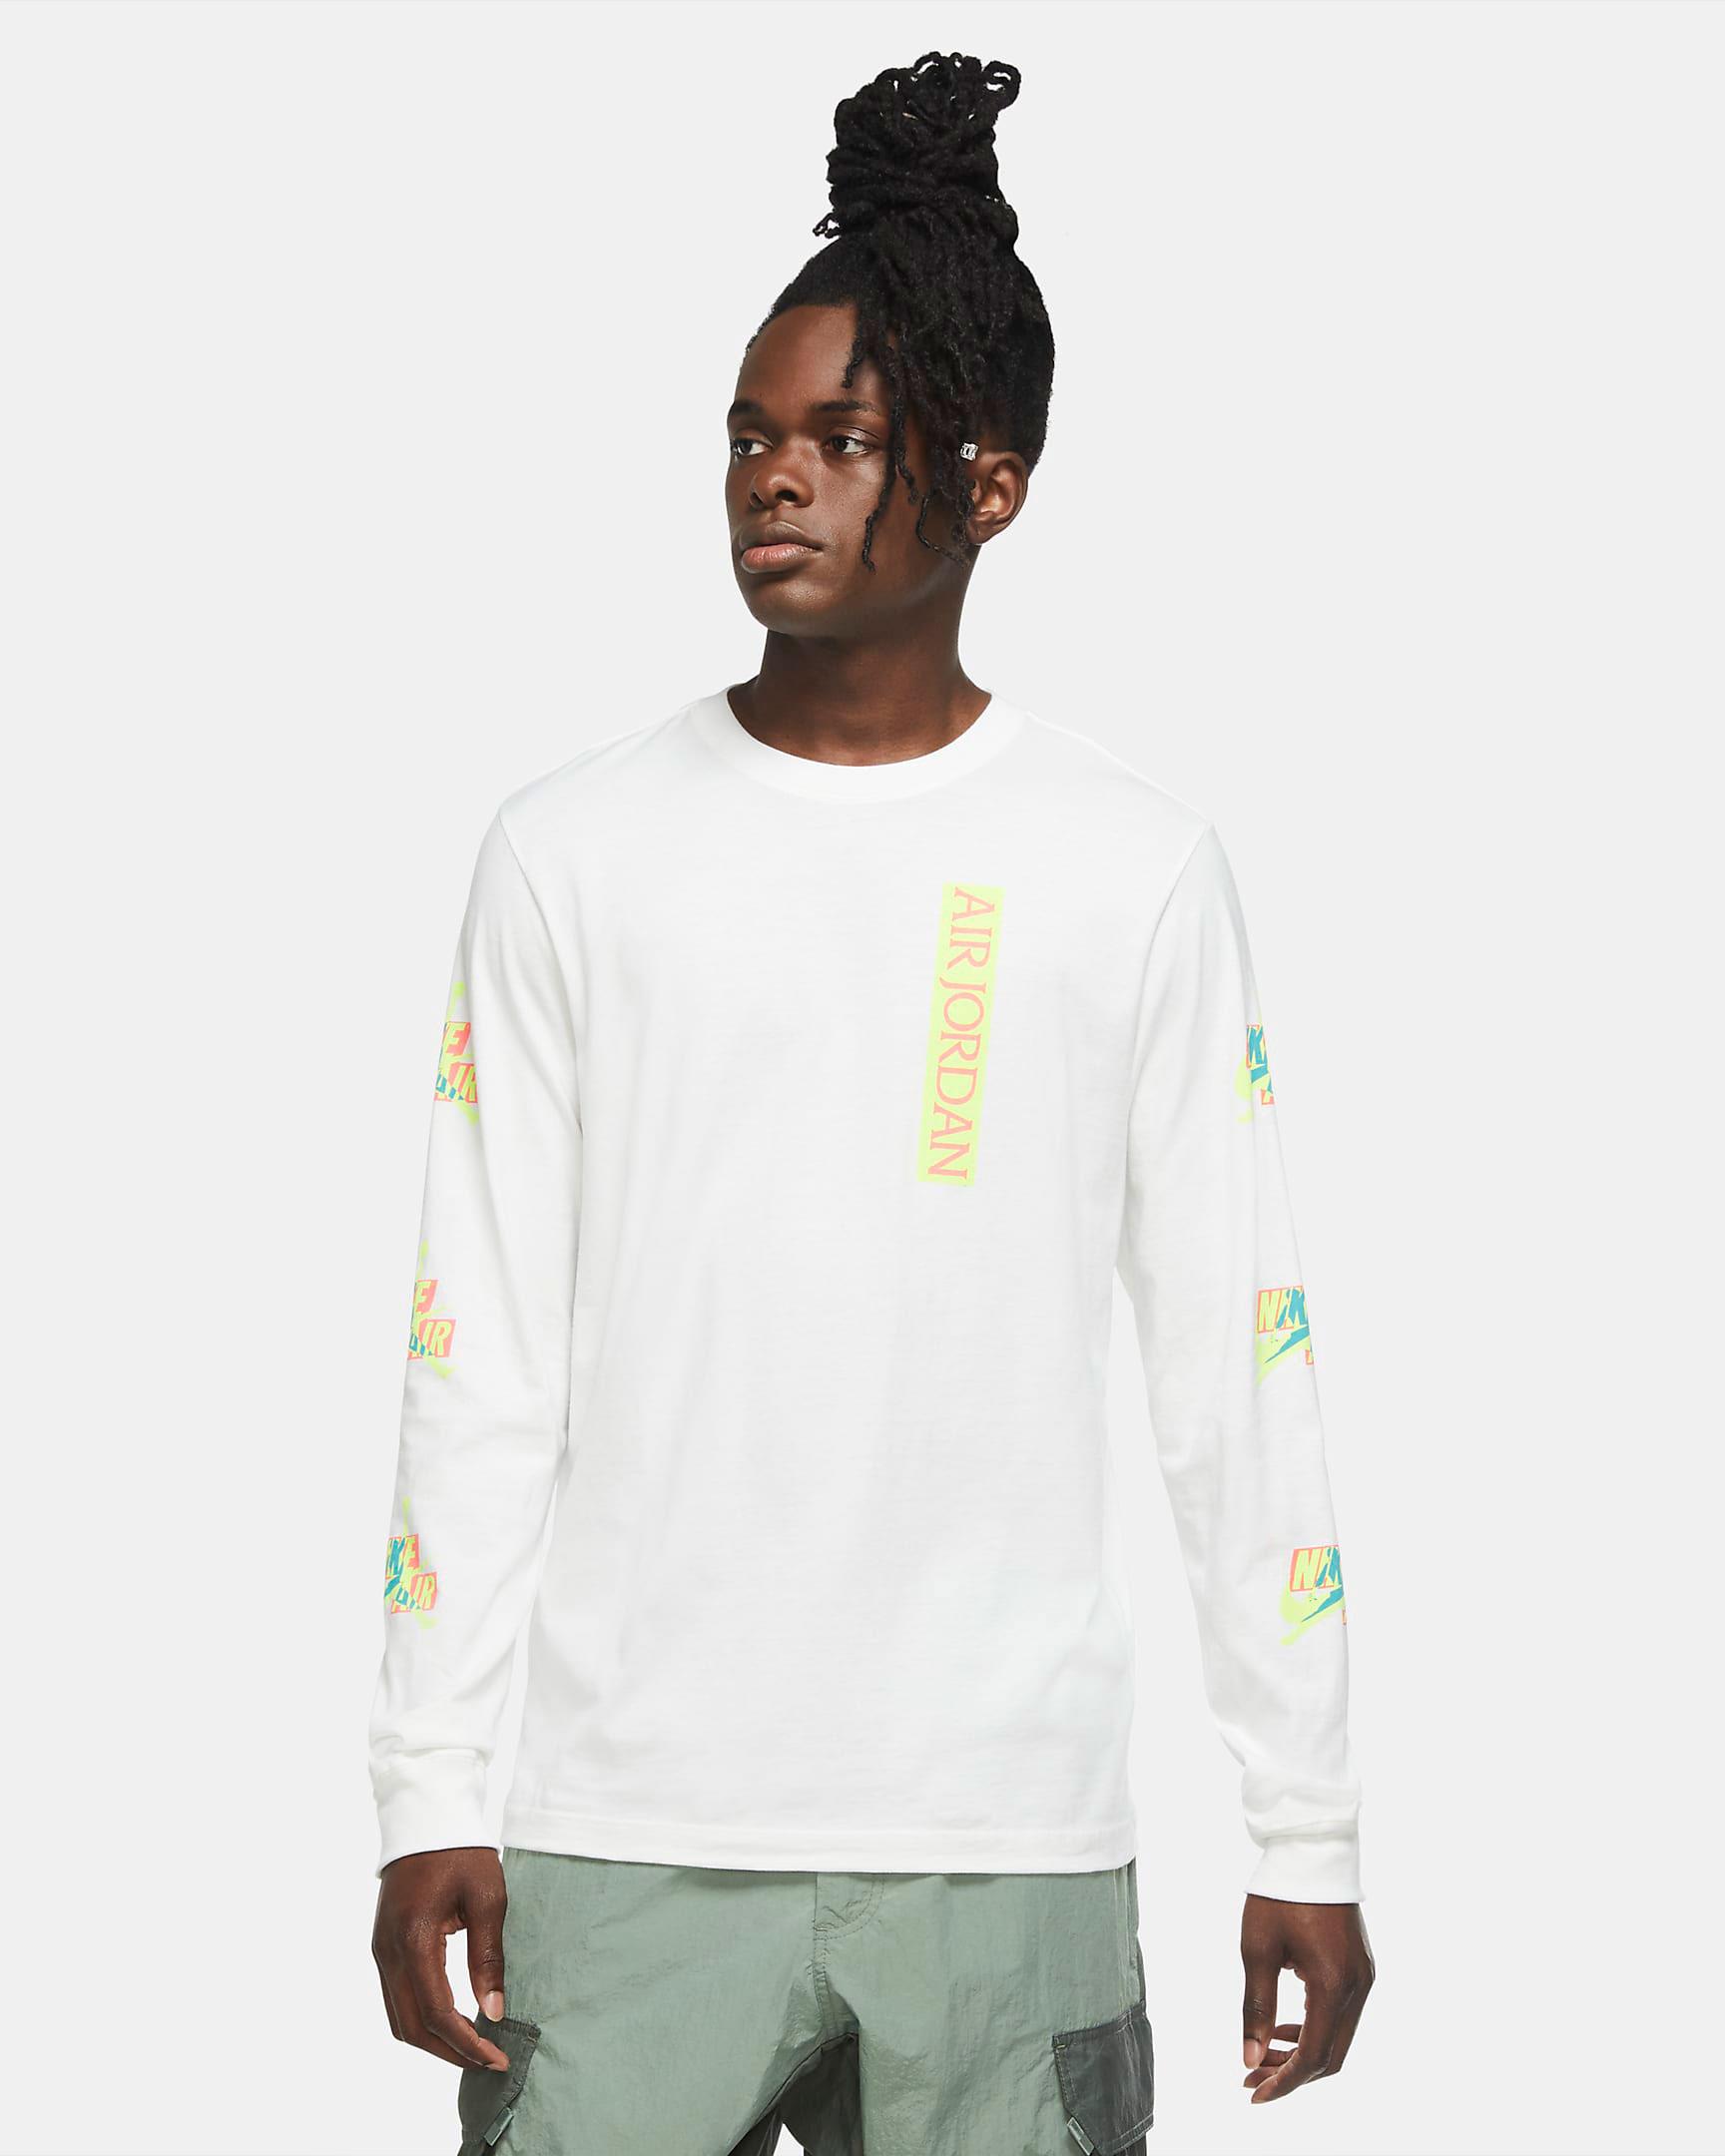 jordan-1-high-volt-gold-long-sleeve-shirt-1